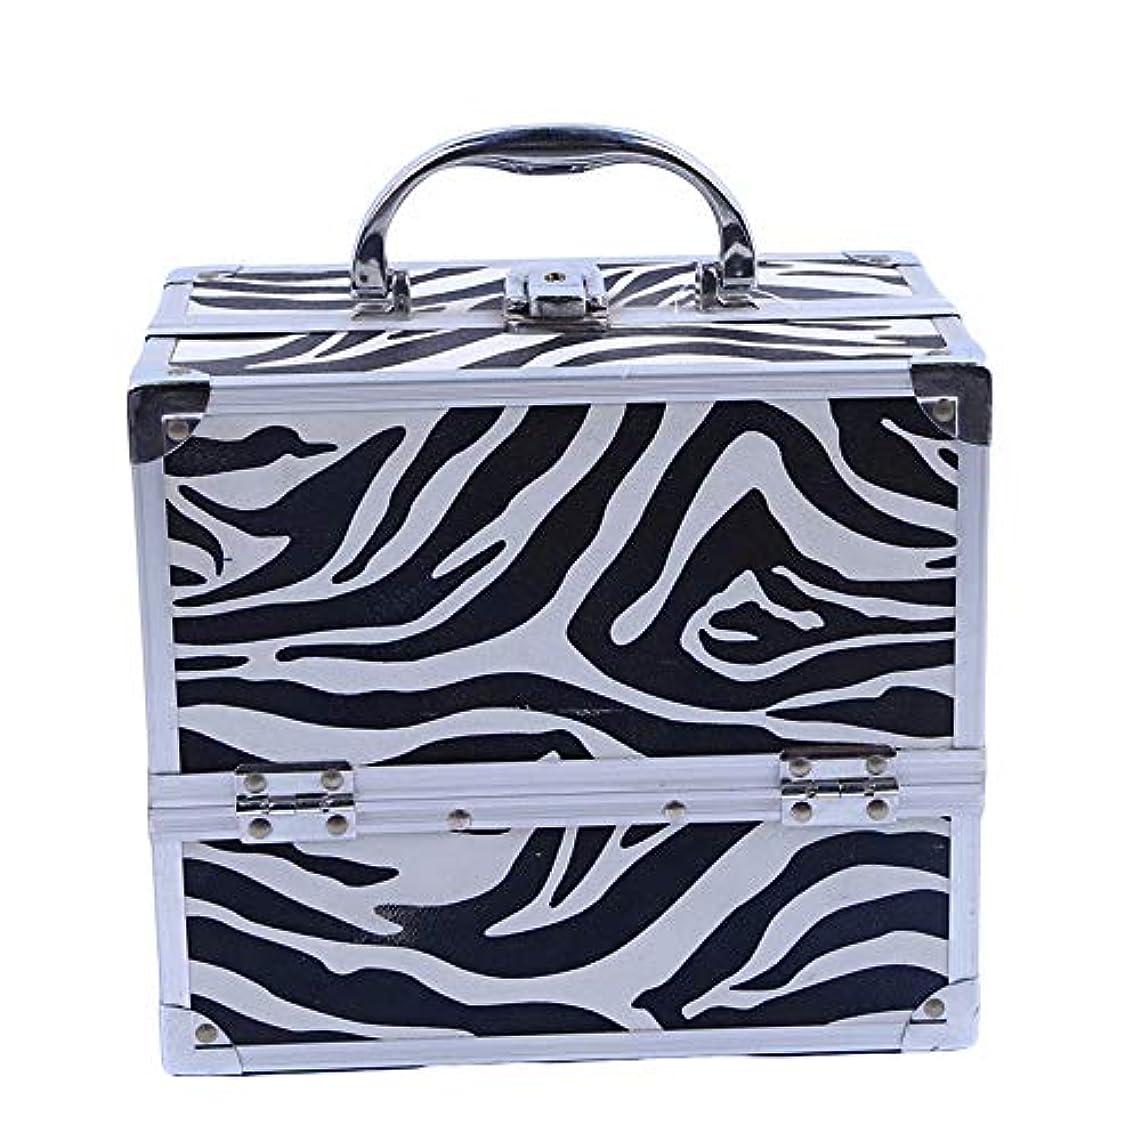 バンド明確なインスタント化粧オーガナイザーバッグ ゼブラストライプトラベルアクセサリーのポータブル化粧ケースシャンプーボディウォッシュパーソナルアイテムロックとトレイ付きの収納 化粧品ケース